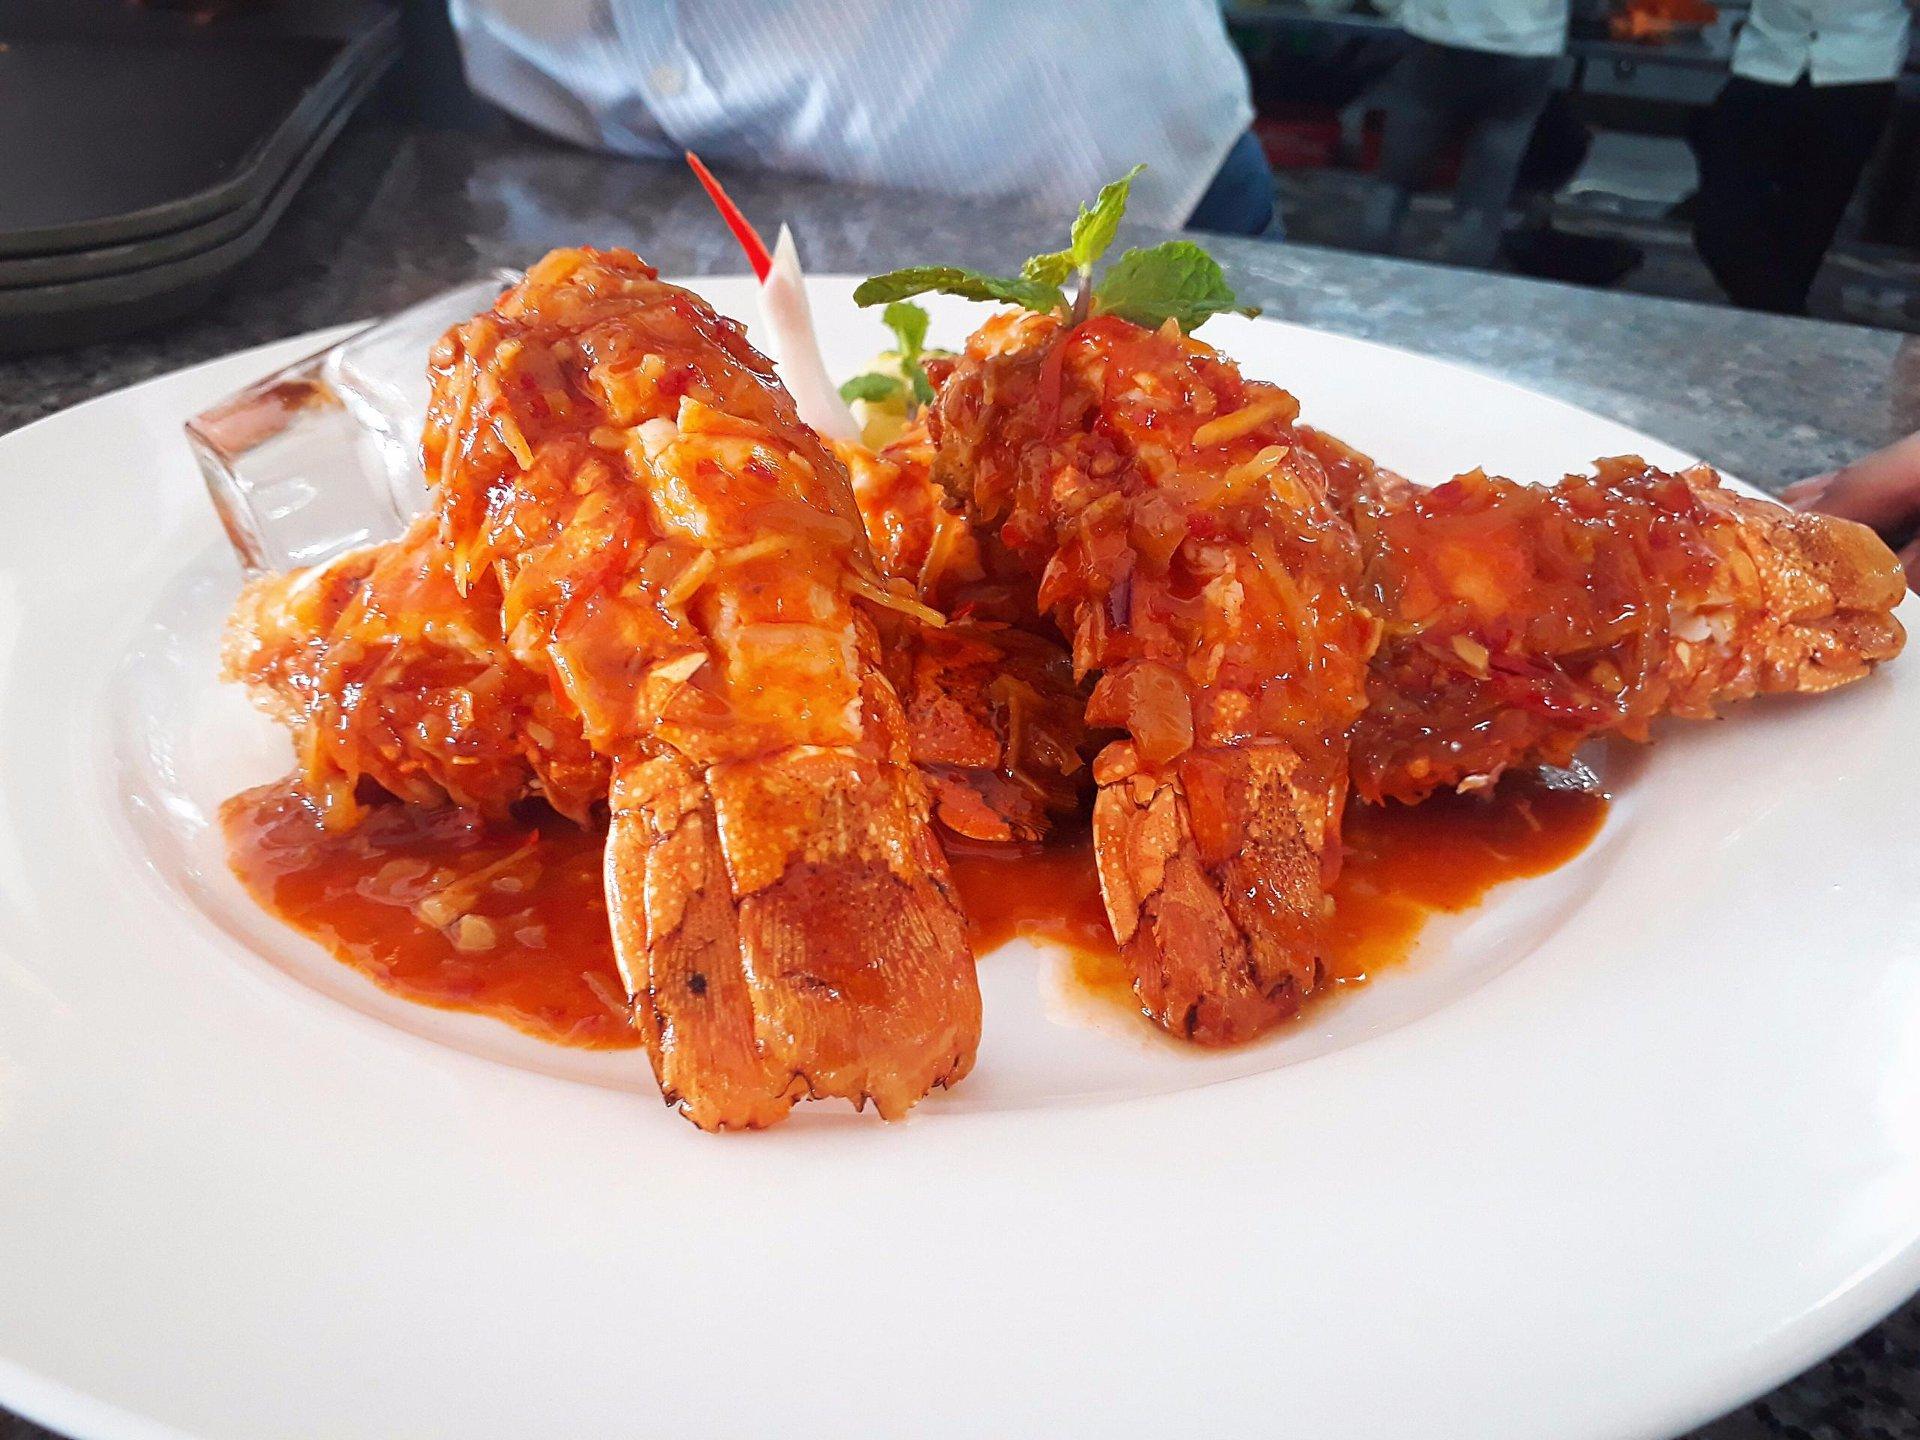 Món tôm sốt đặc biệt của nhà hàng Làng Chài Phù Đổng